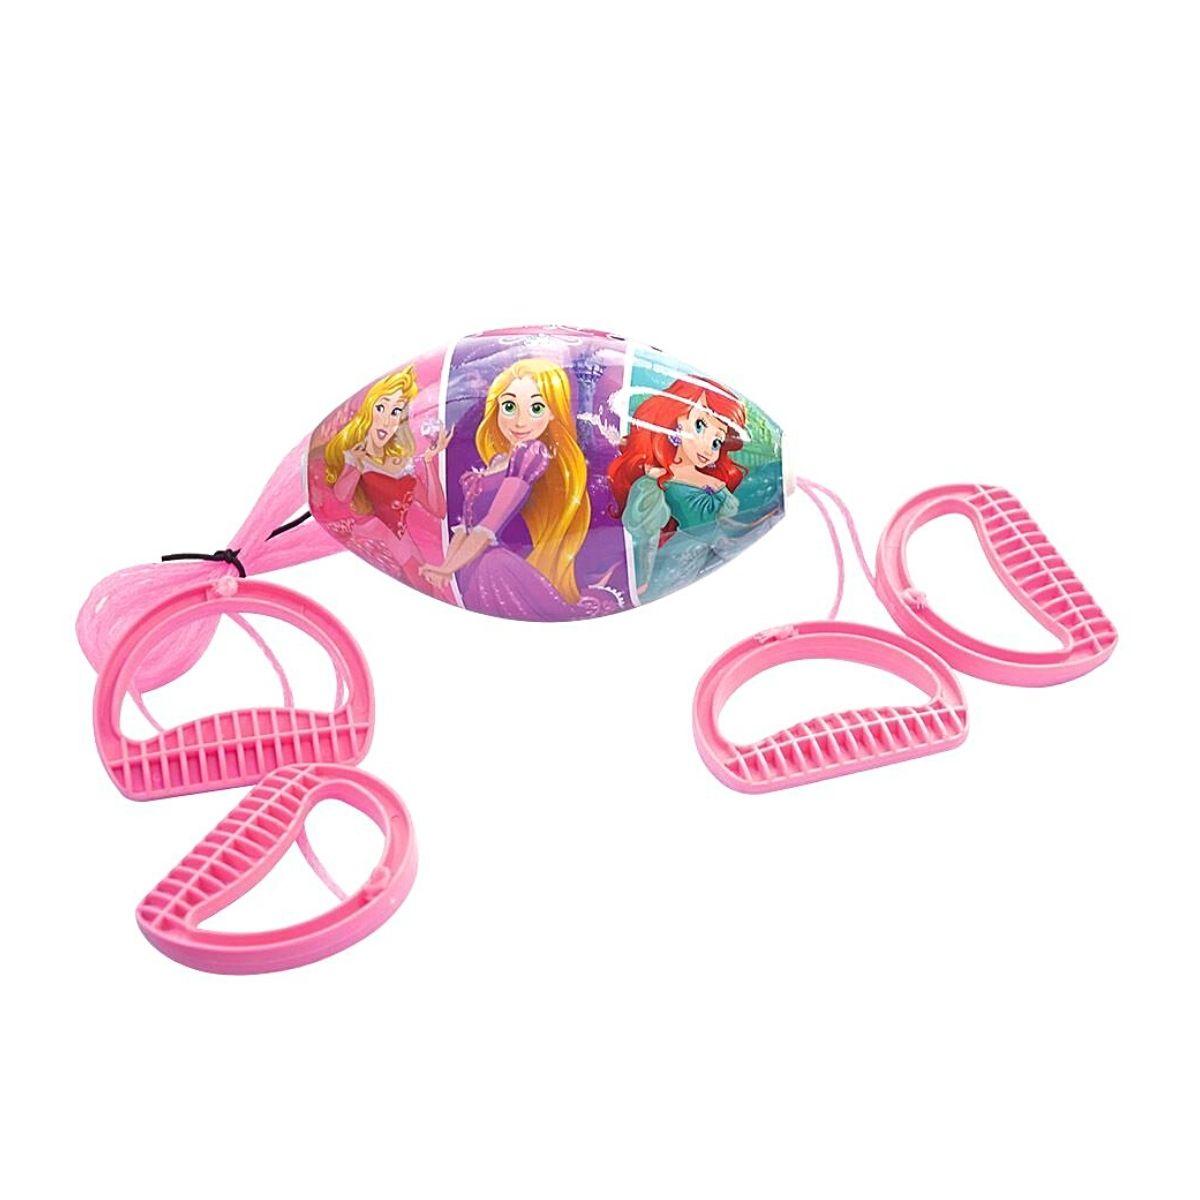 Brinquedo Vai e Vem Divertido Princesas Disney Rosa